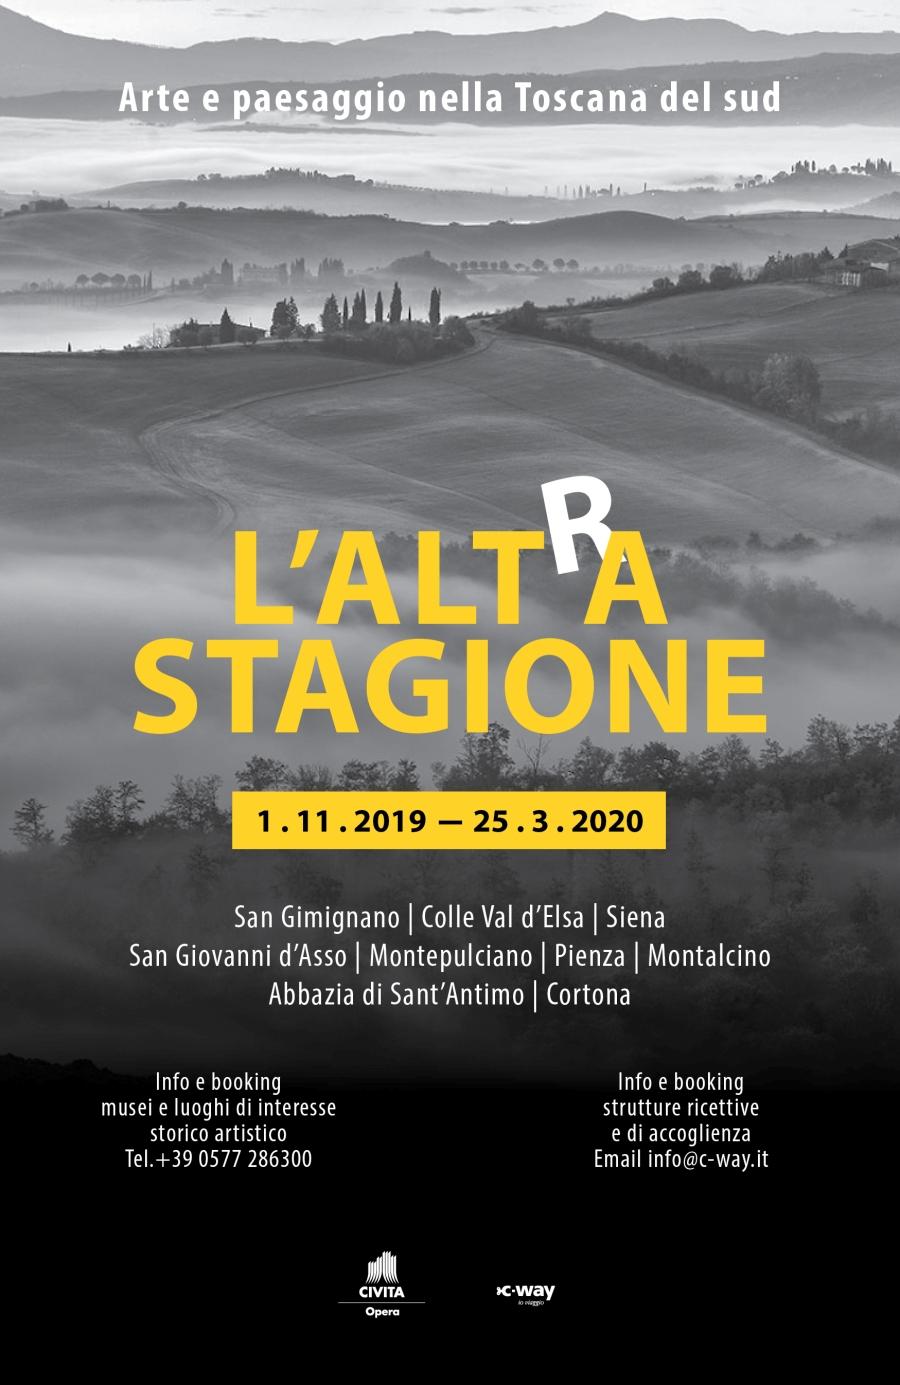 1 aLTRA STAGIONE